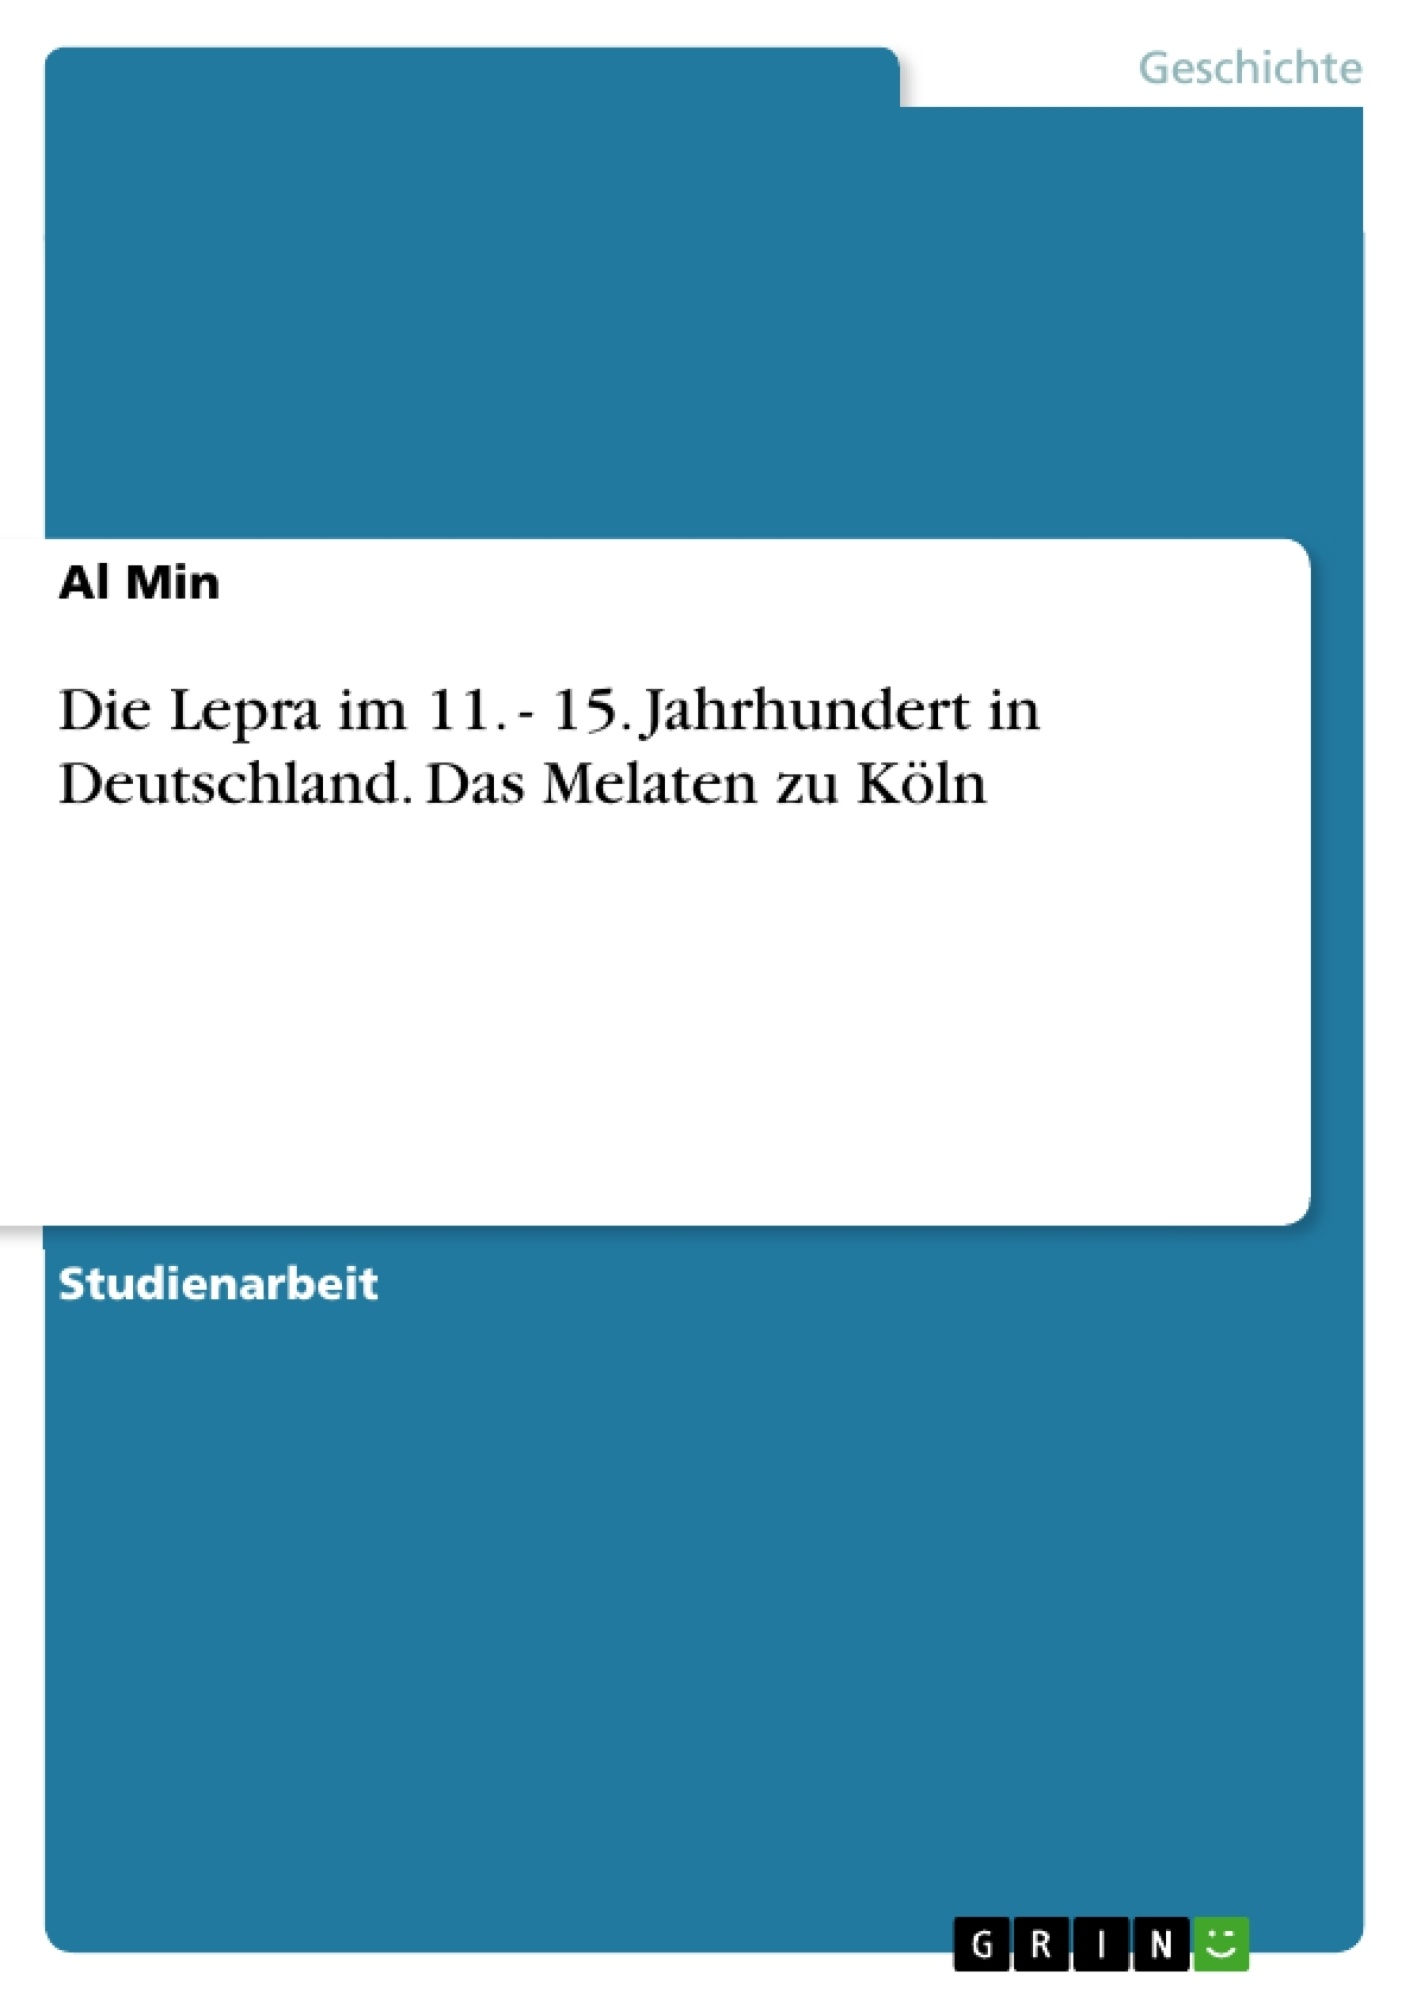 Titel: Die Lepra im 11. - 15. Jahrhundert in Deutschland. Das Melaten zu Köln